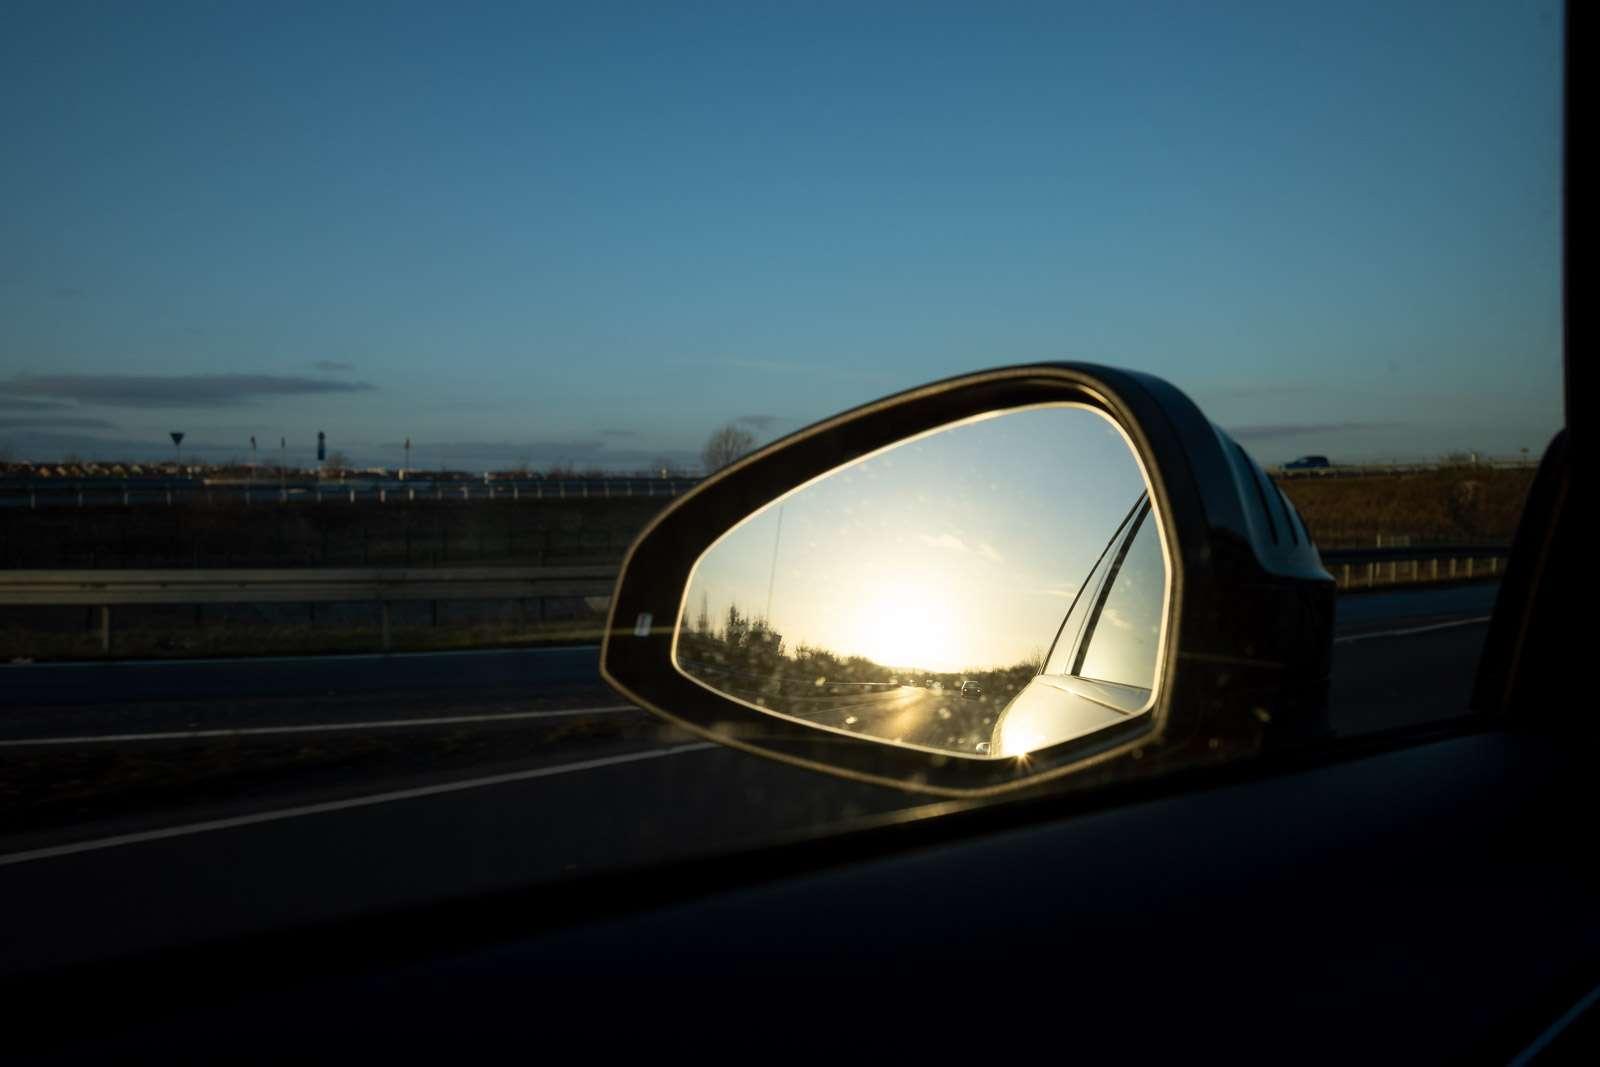 Seitenspiegel vom Auto